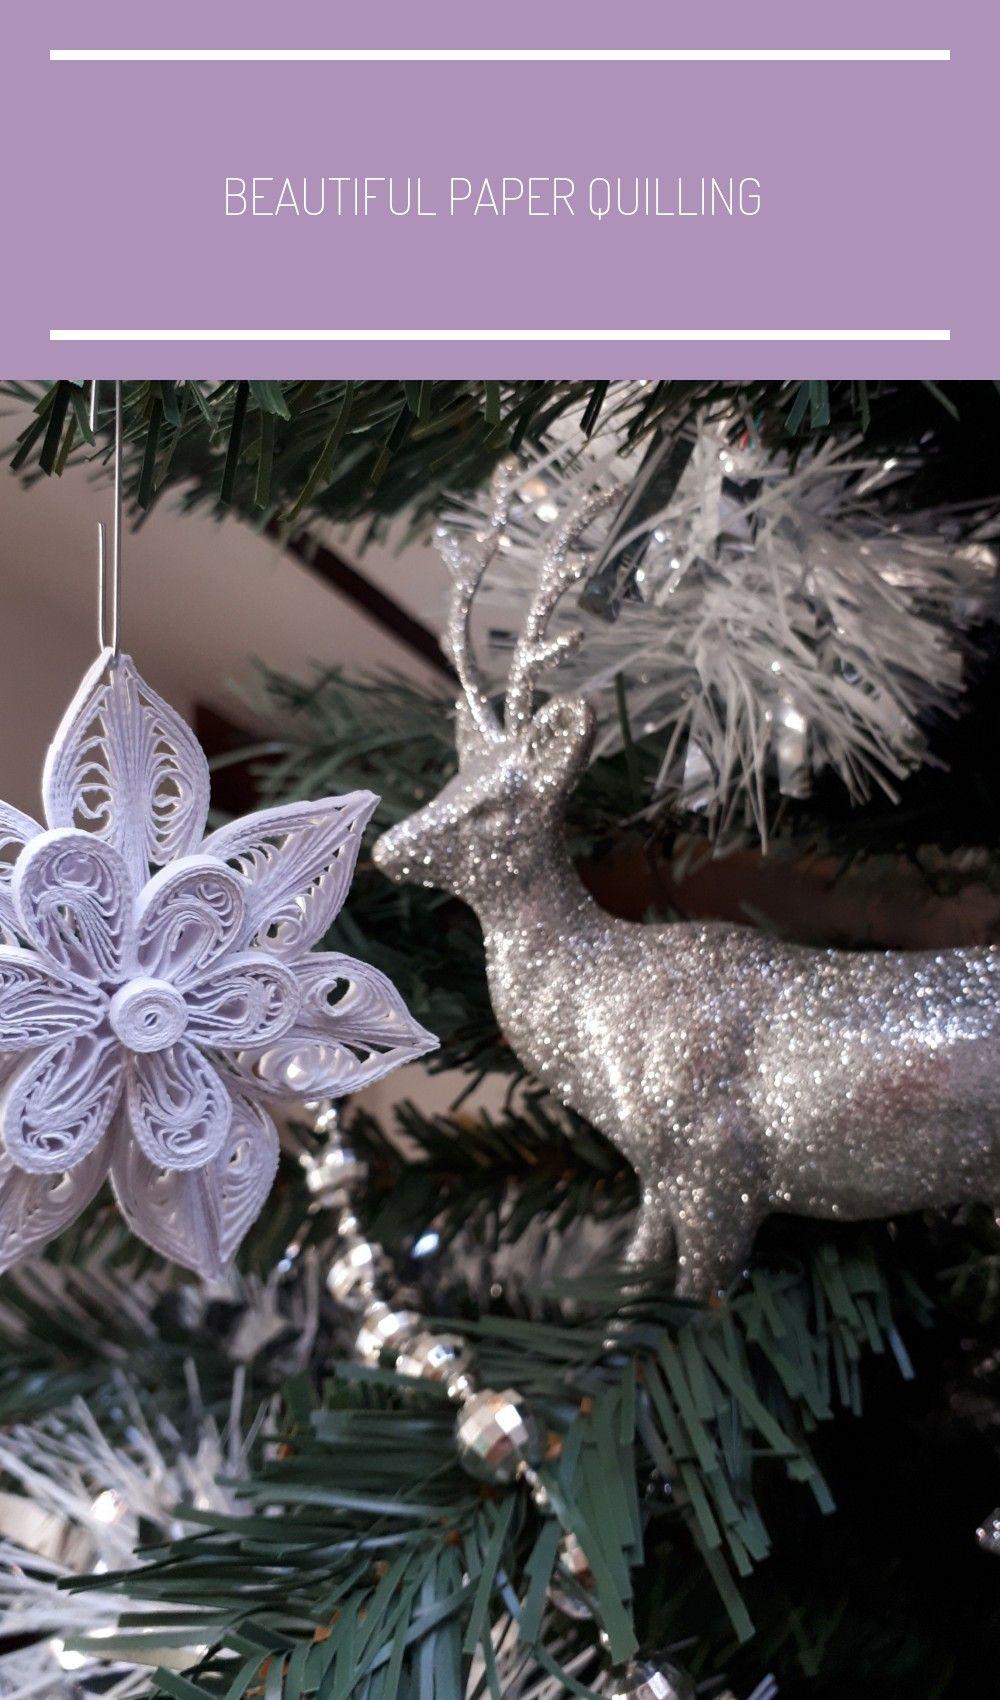 Photo of De beaux flocons de neige en papier quilling qui ont fière allure sur votre Chri